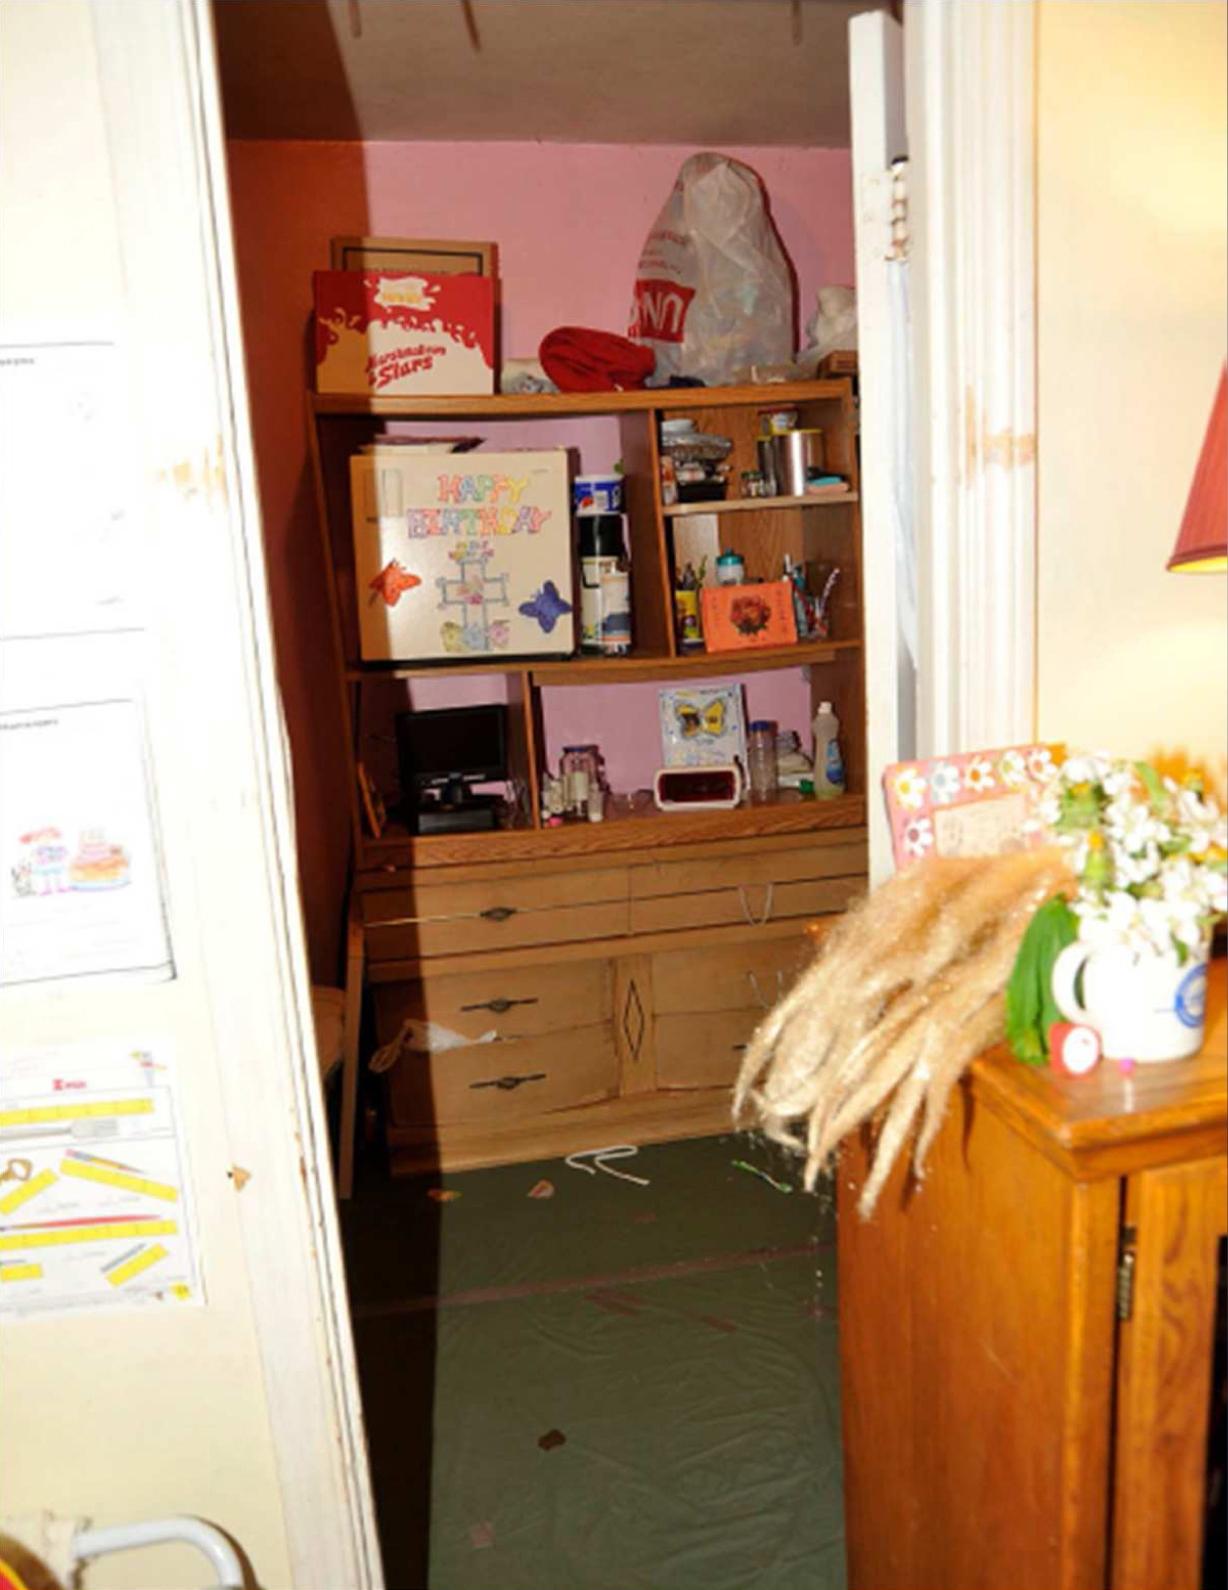 Mostro di cleveland le immagini dell 39 interno della casa for Interno della casa